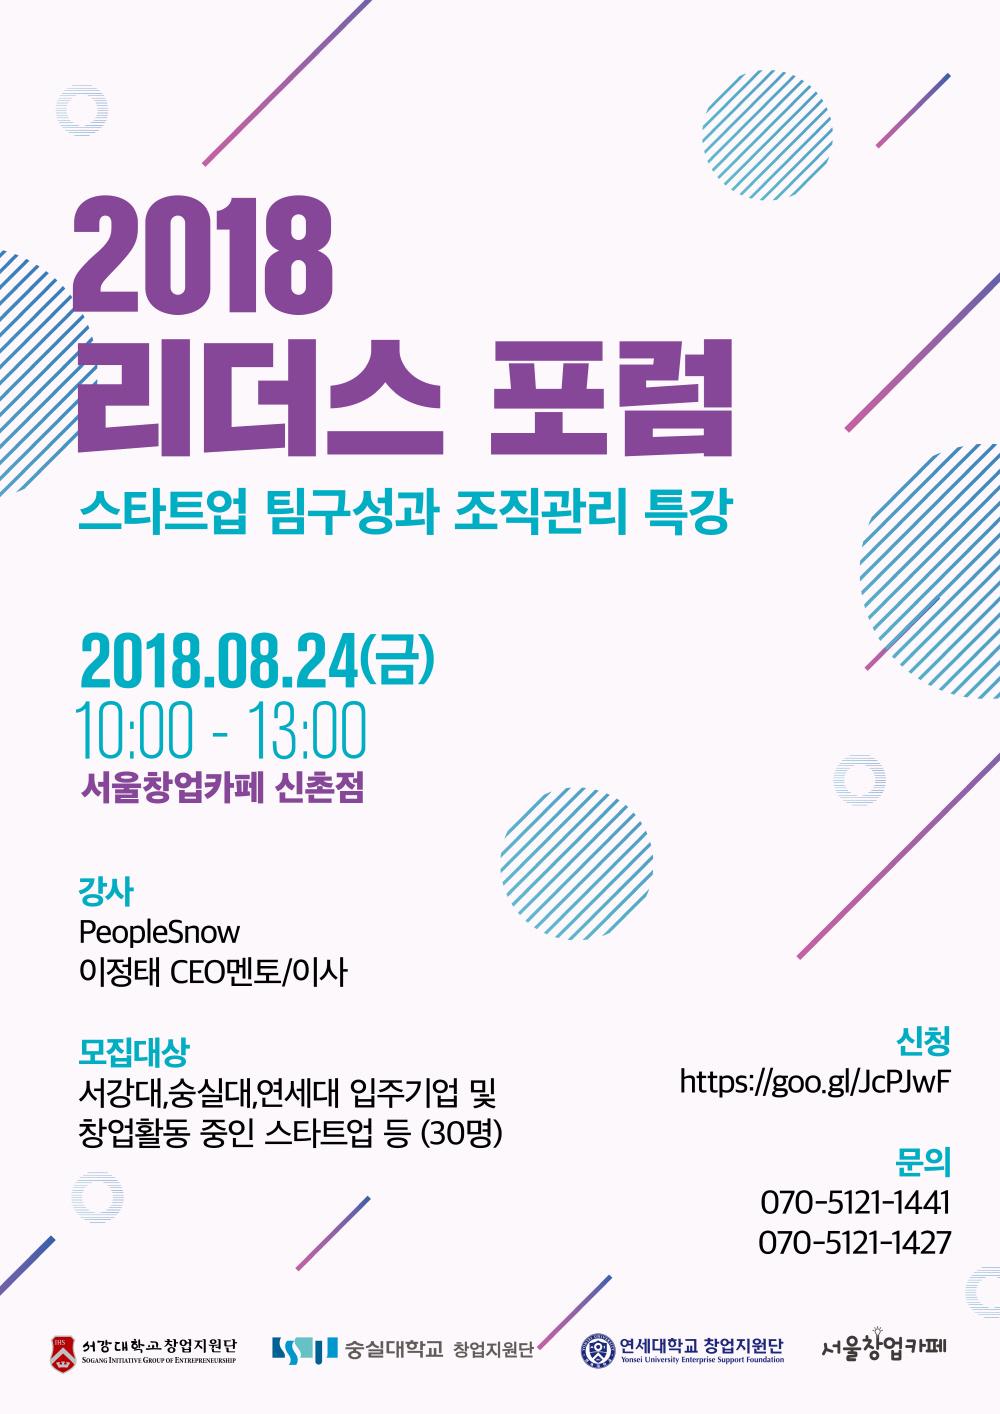 [홍보] [서울창업카페 신촌점] 2018 리더스 포럼 안내